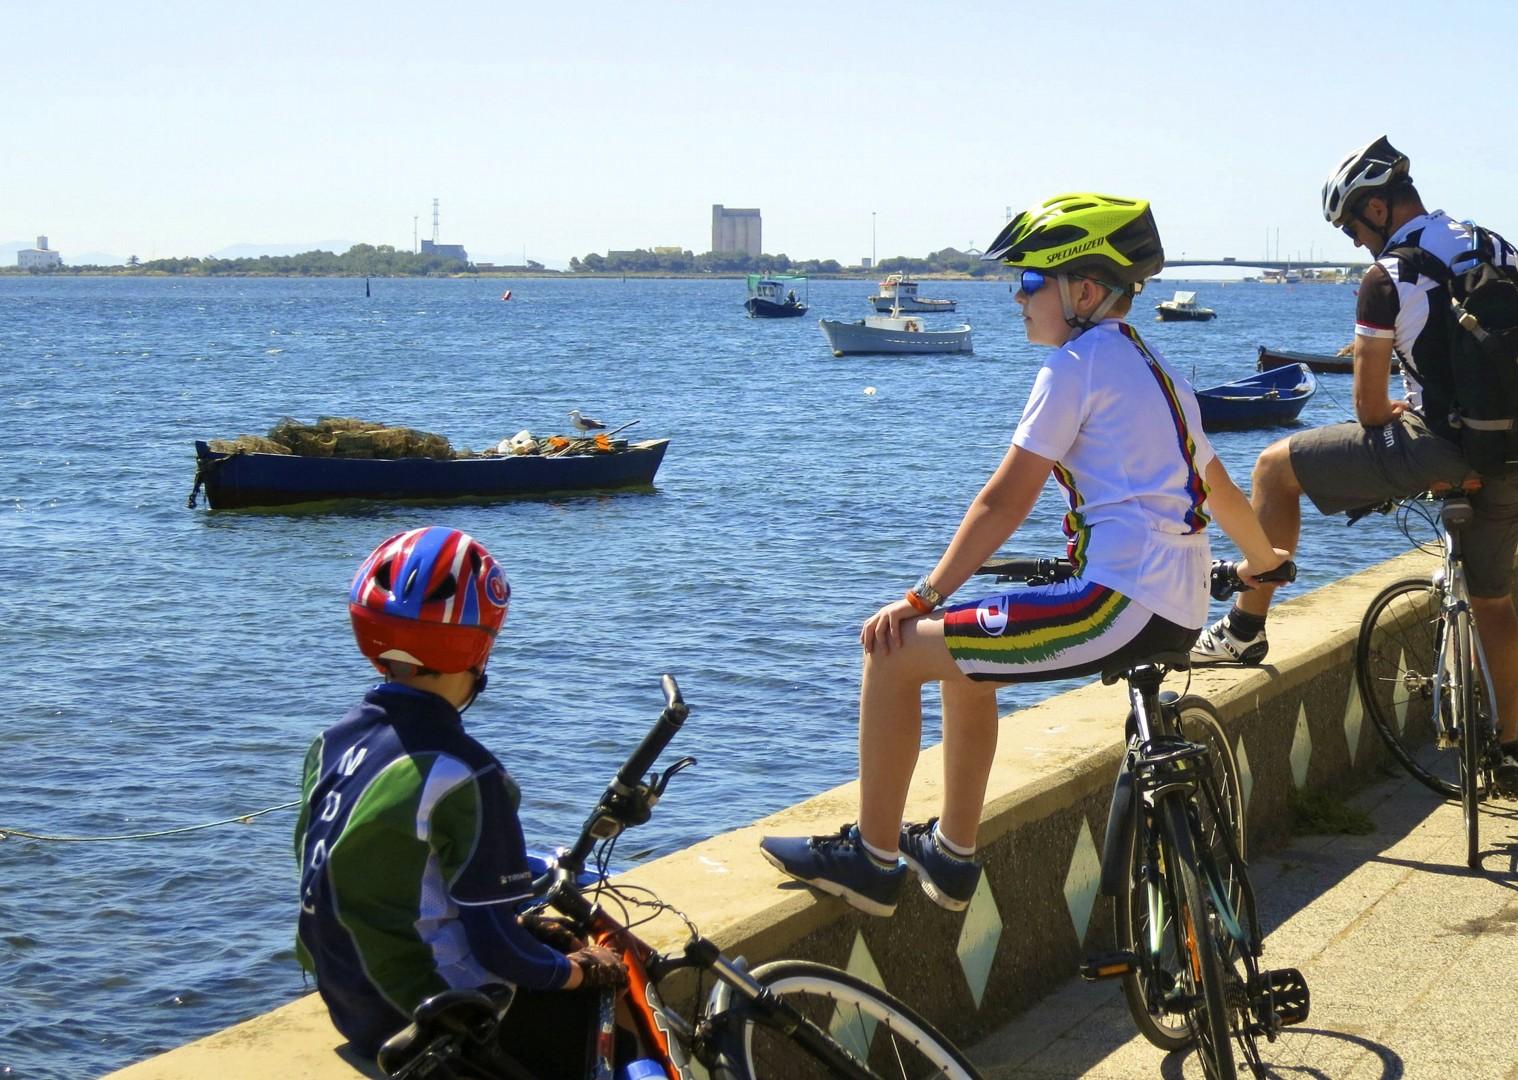 SardiniaCycling-109.jpg - Italy - Sardinia - Family Flavours - Guided Family Cycling Holiday - Family Cycling